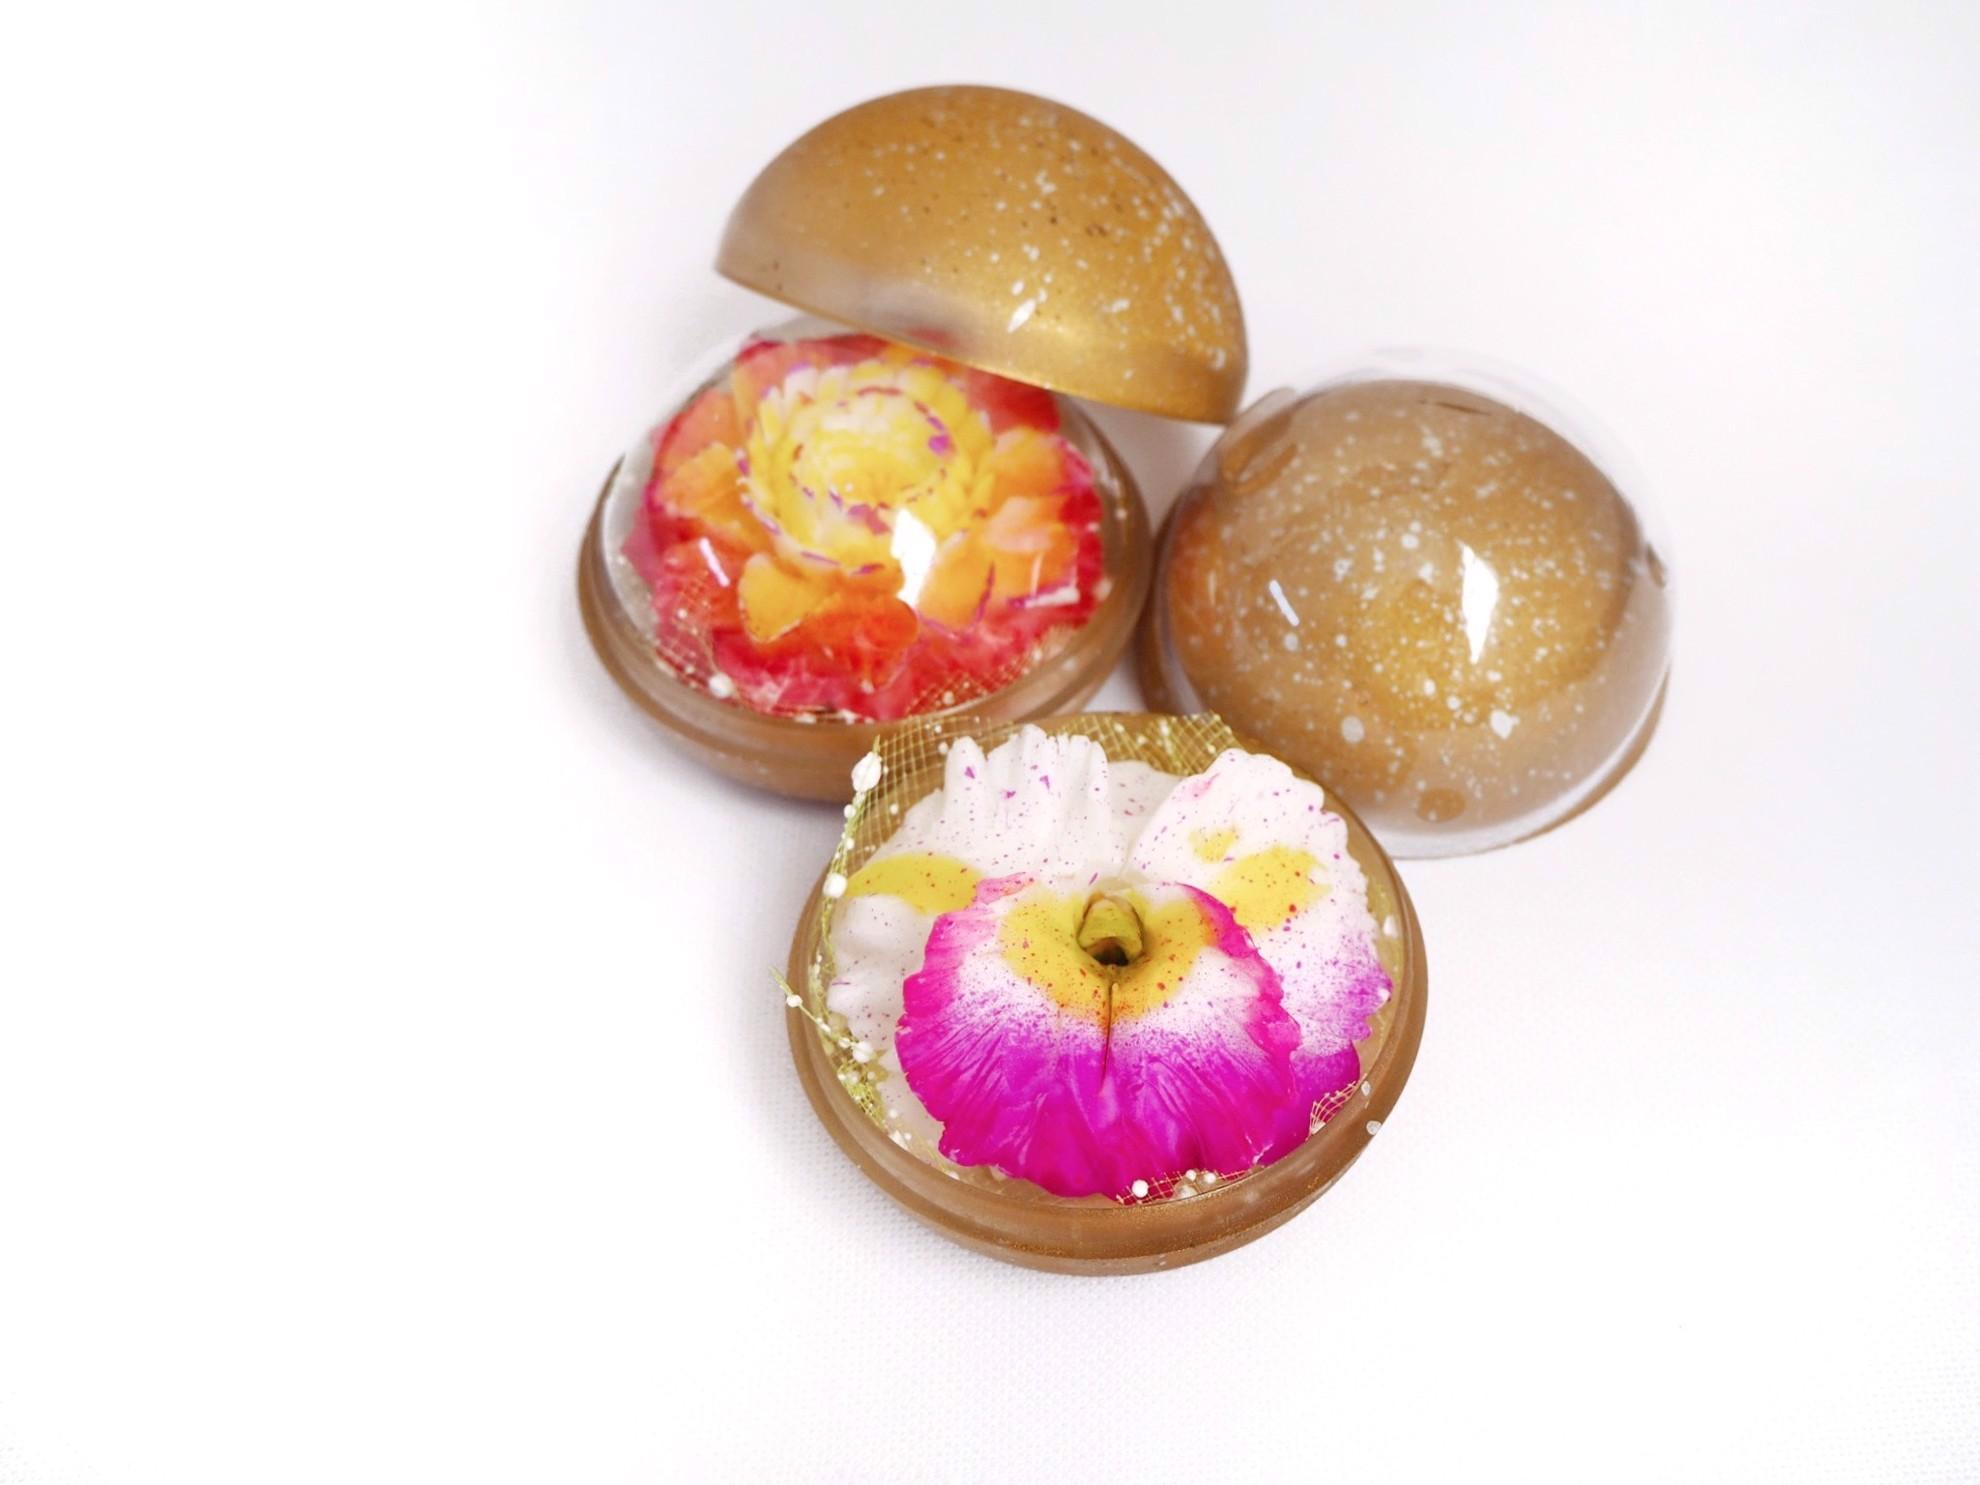 Image sur Set composé de 2 savons décoratifs en forme d'Orchidée et Rose exotique sculptés à la main par un artisan et parfumés à l'huile essentielle aromatique de jasmin et rose